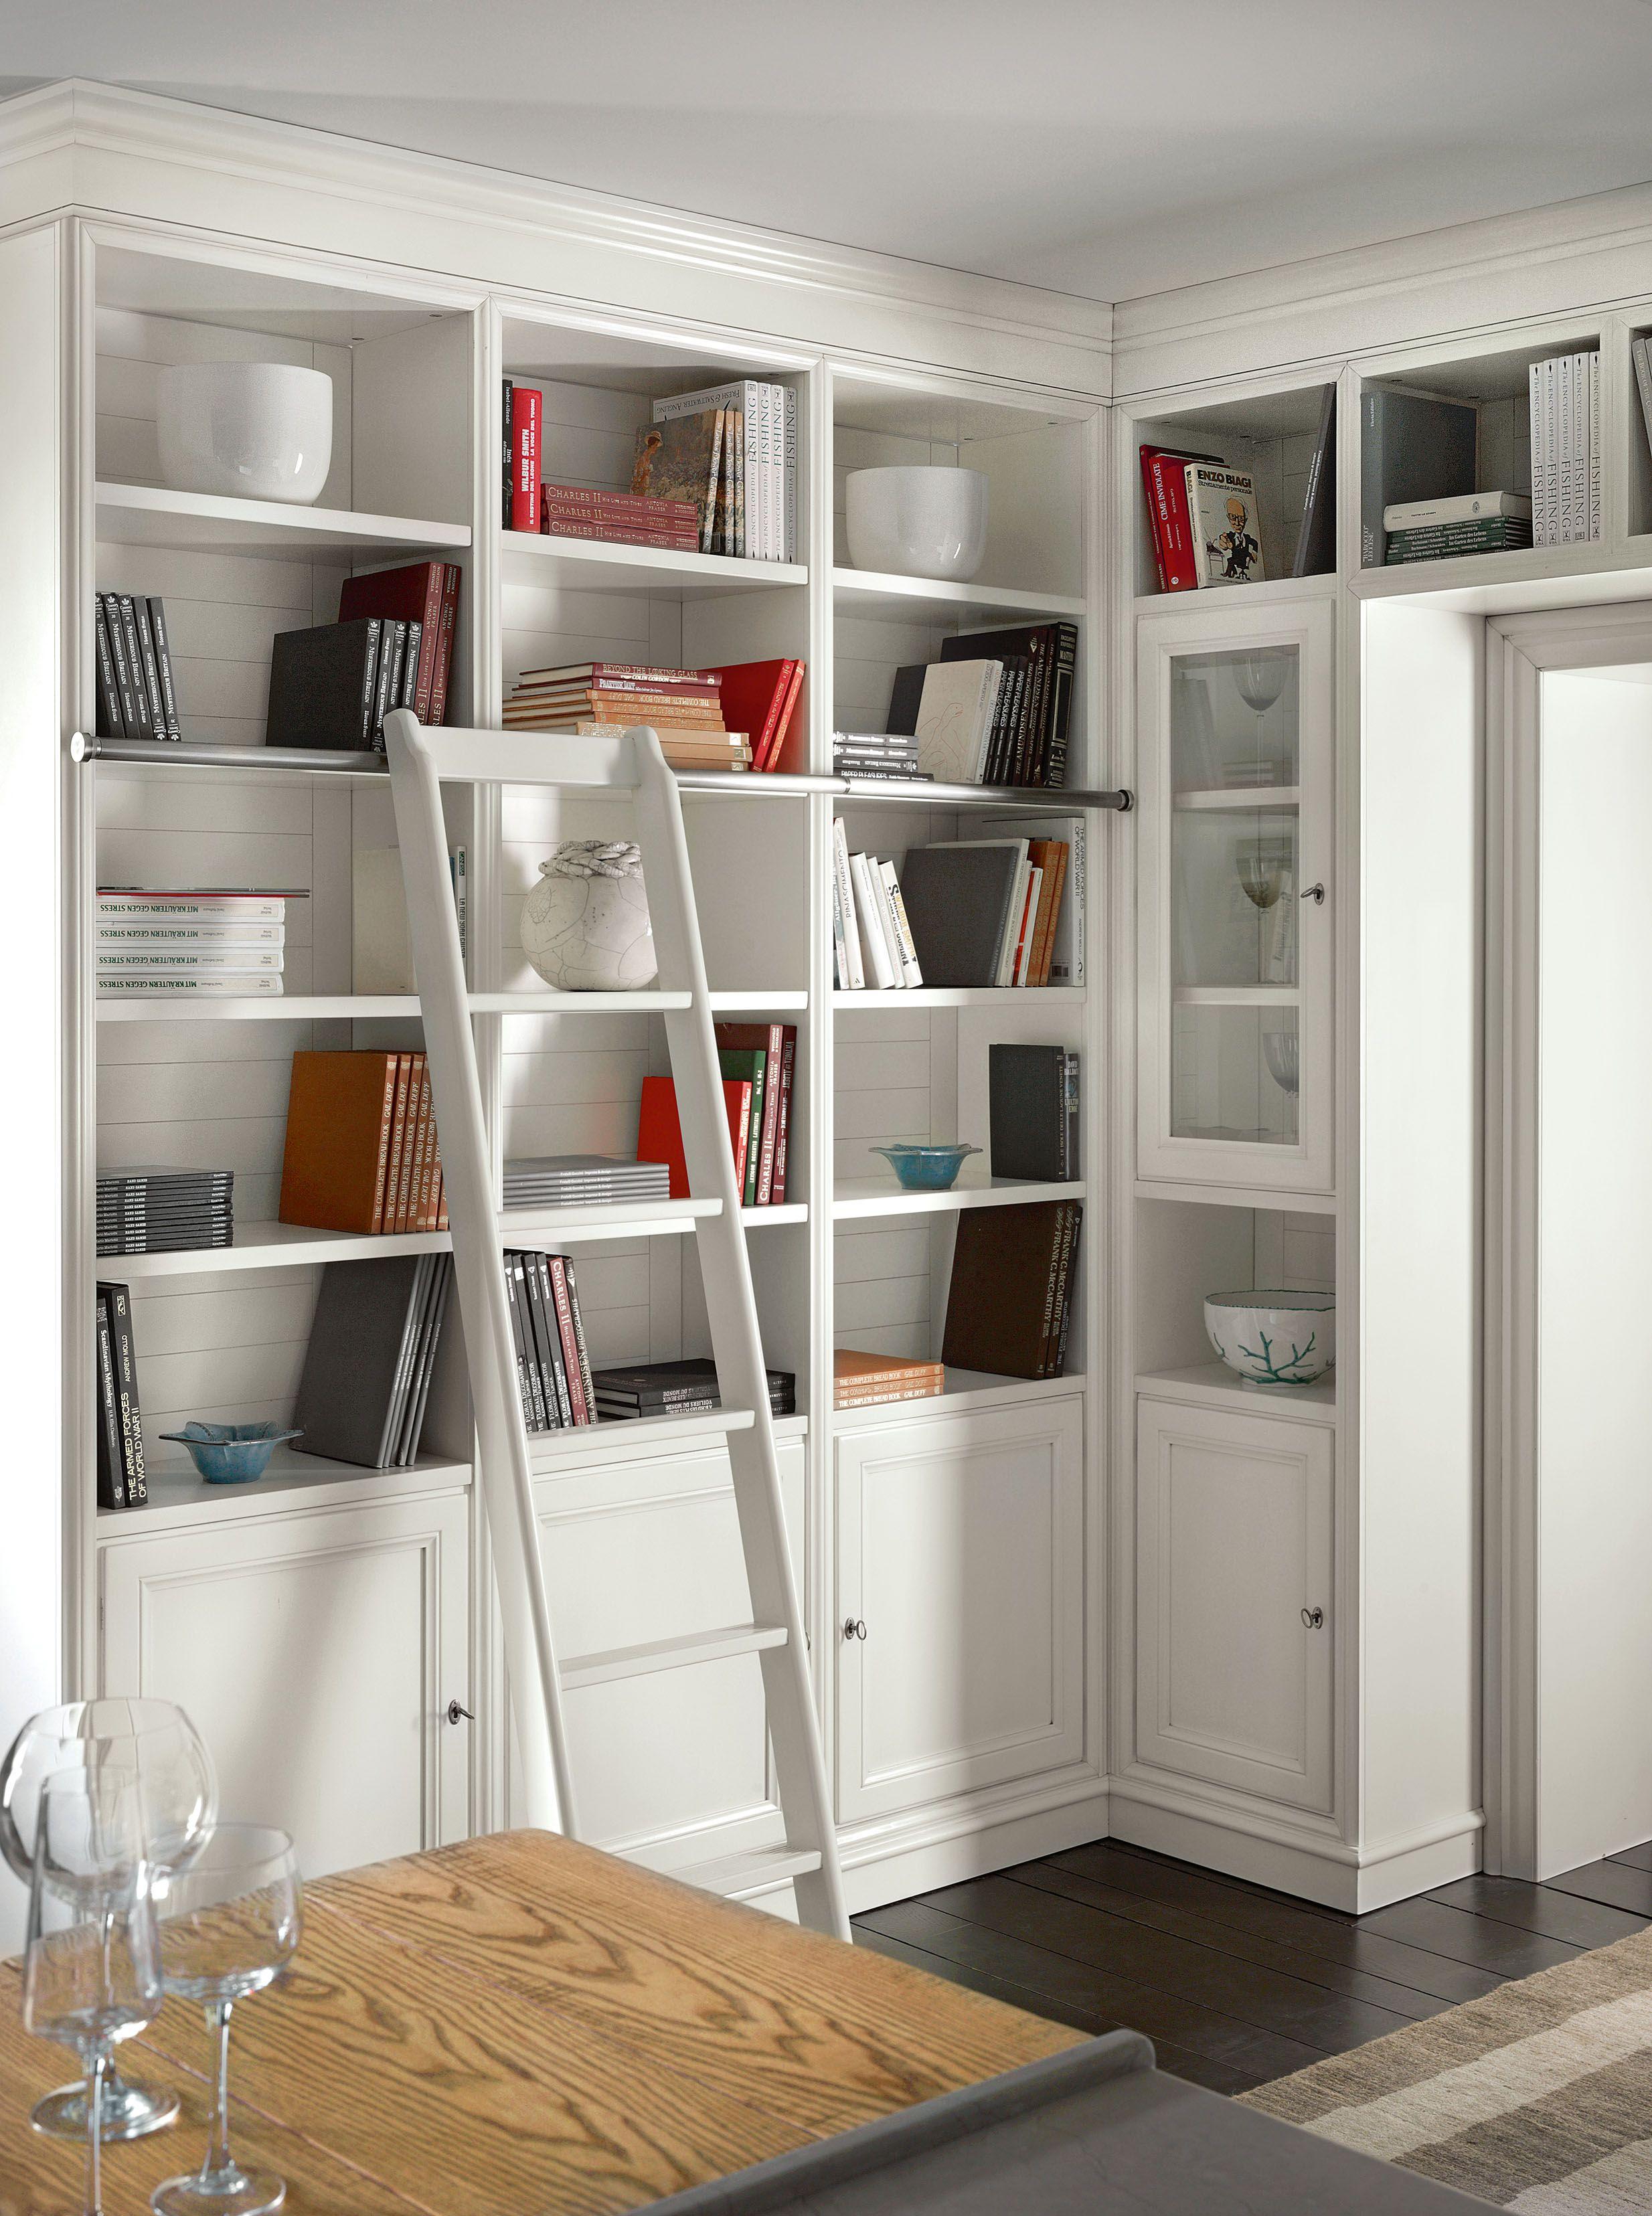 Libreria a parete modulare calendario living by l 39 ottocento - Librerias modulares ...